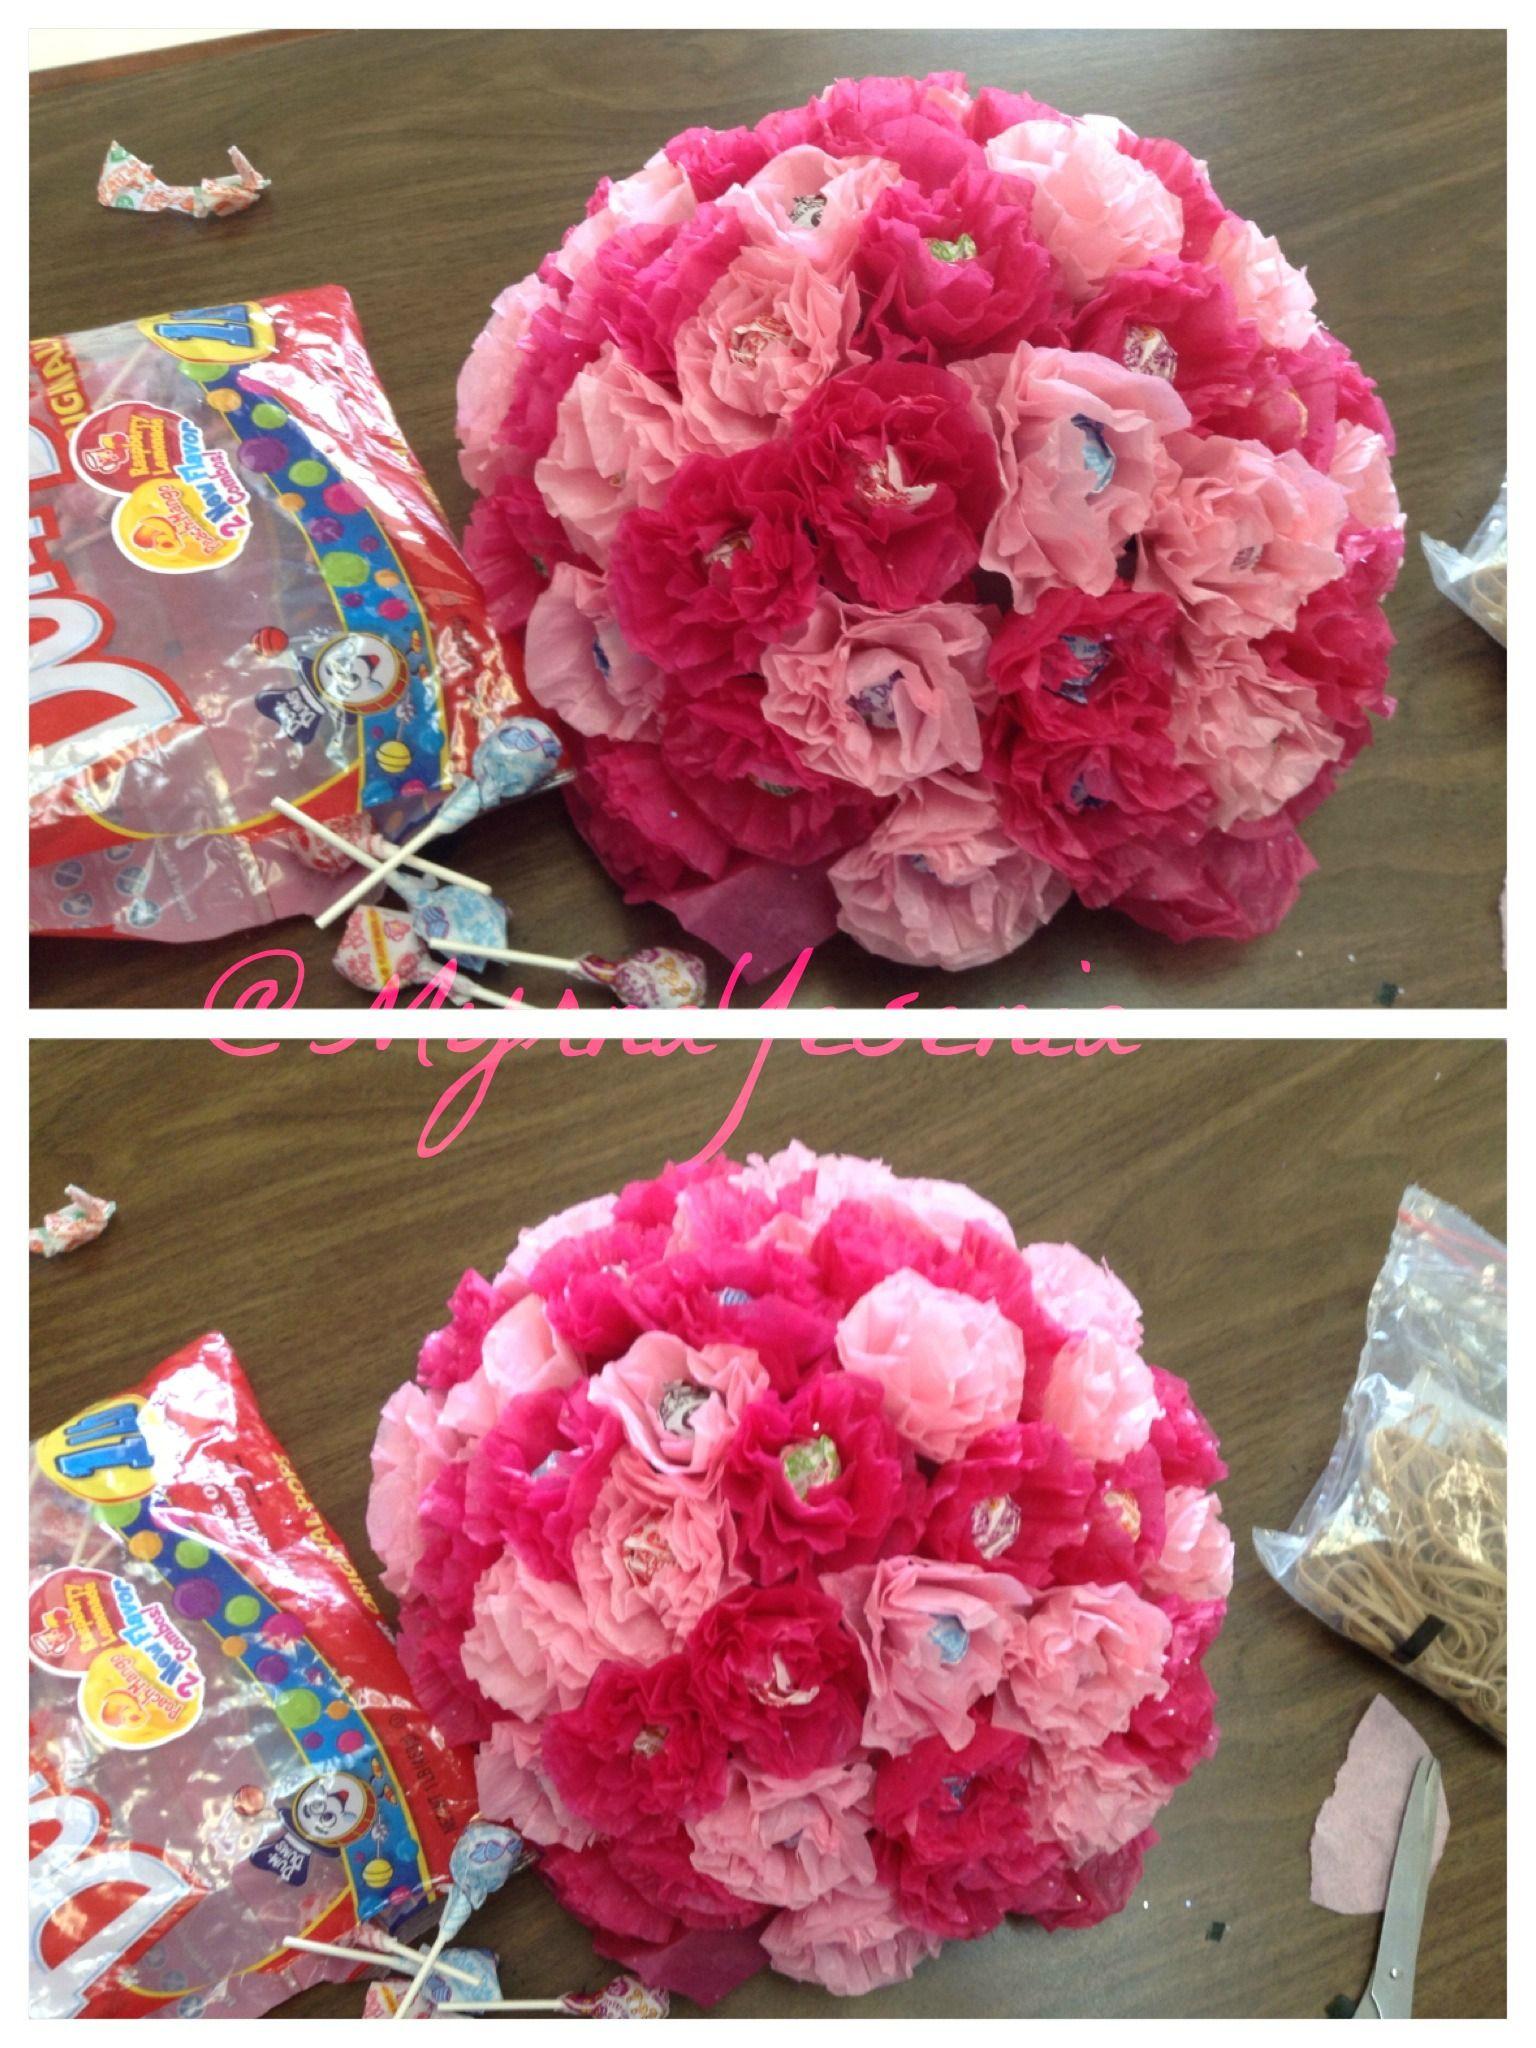 Candy Bouquet DumDum Sucker and Tissue Paper Flower